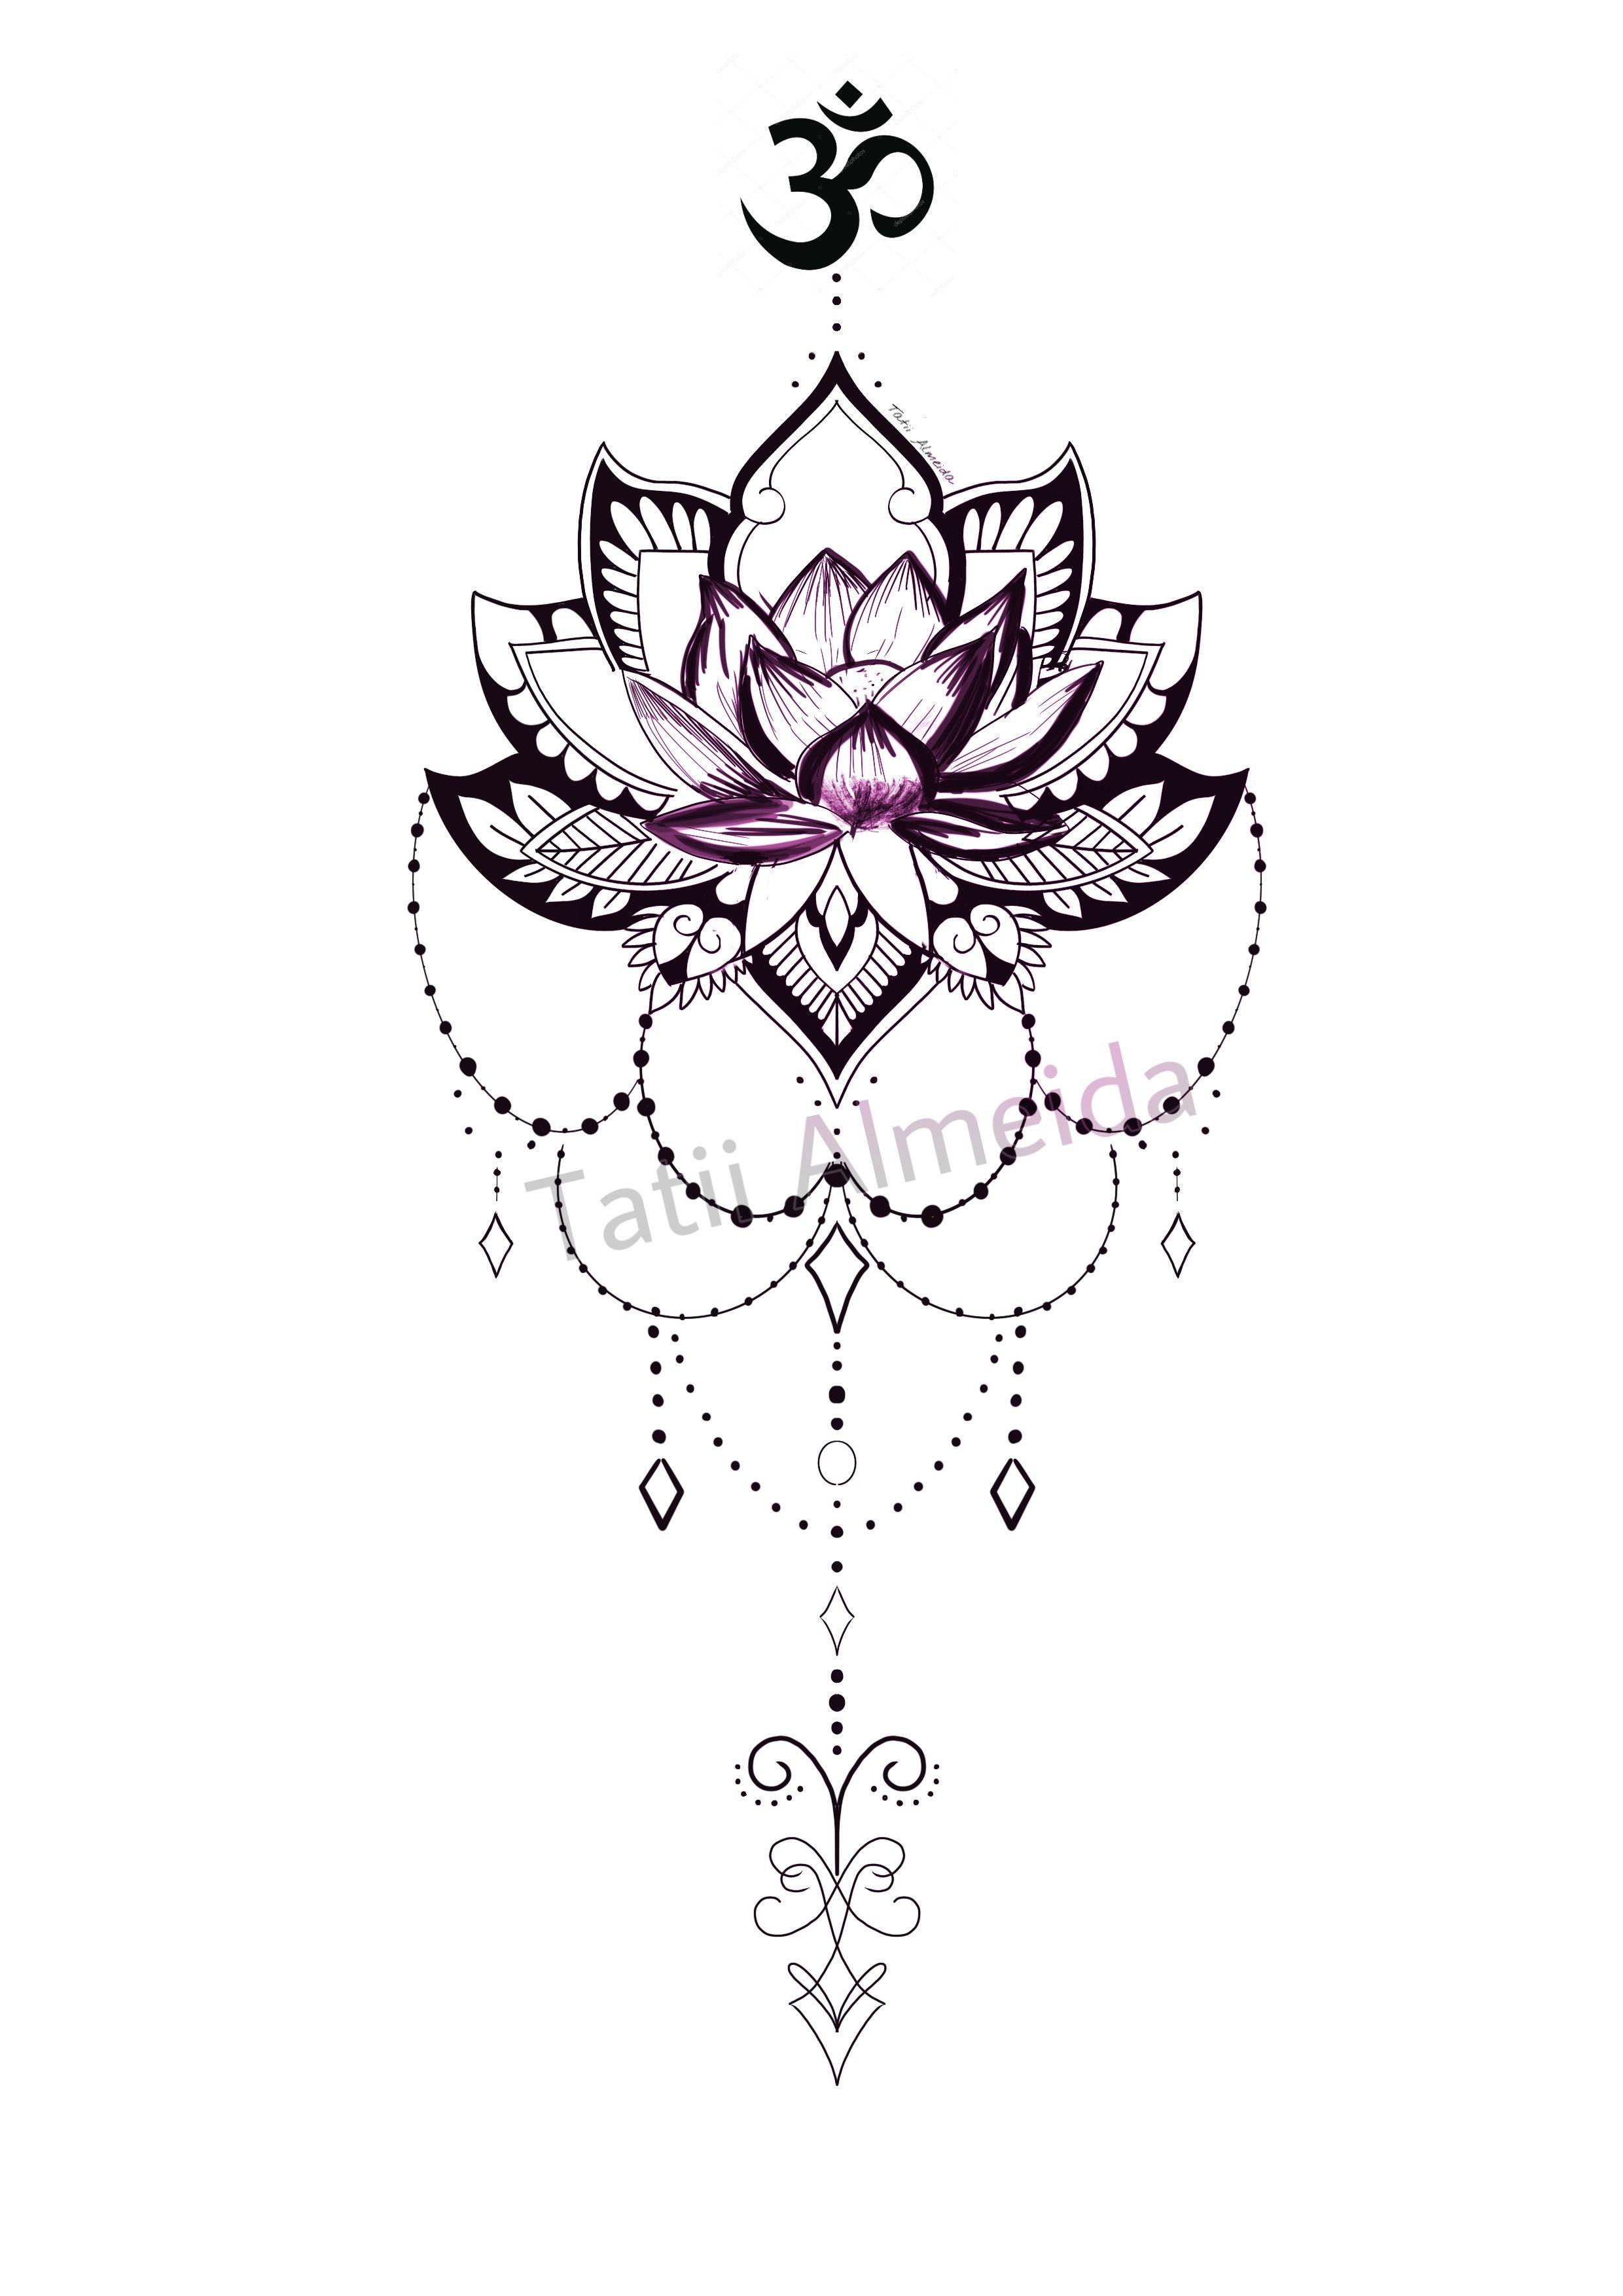 Diseno Flor De Loto Om Con Colgantes Tatuaje De Mandala De Loto Diseno De Tatuaje De Loto Diseno De Tatuaje Mandala